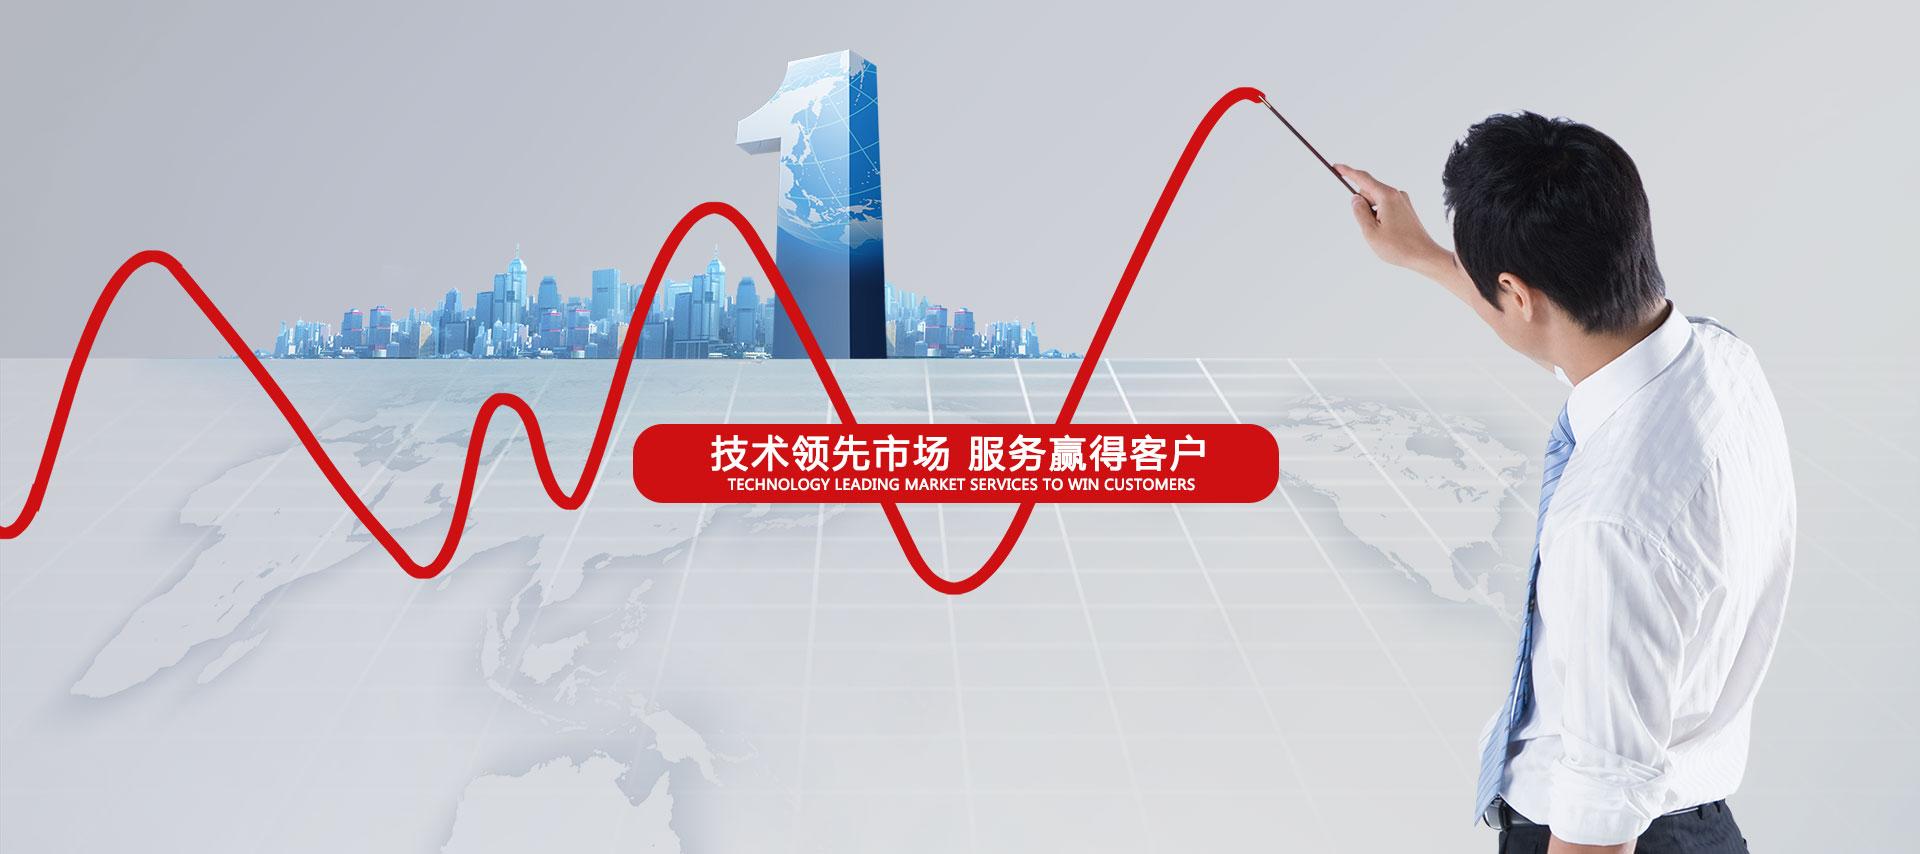 技术领先市场